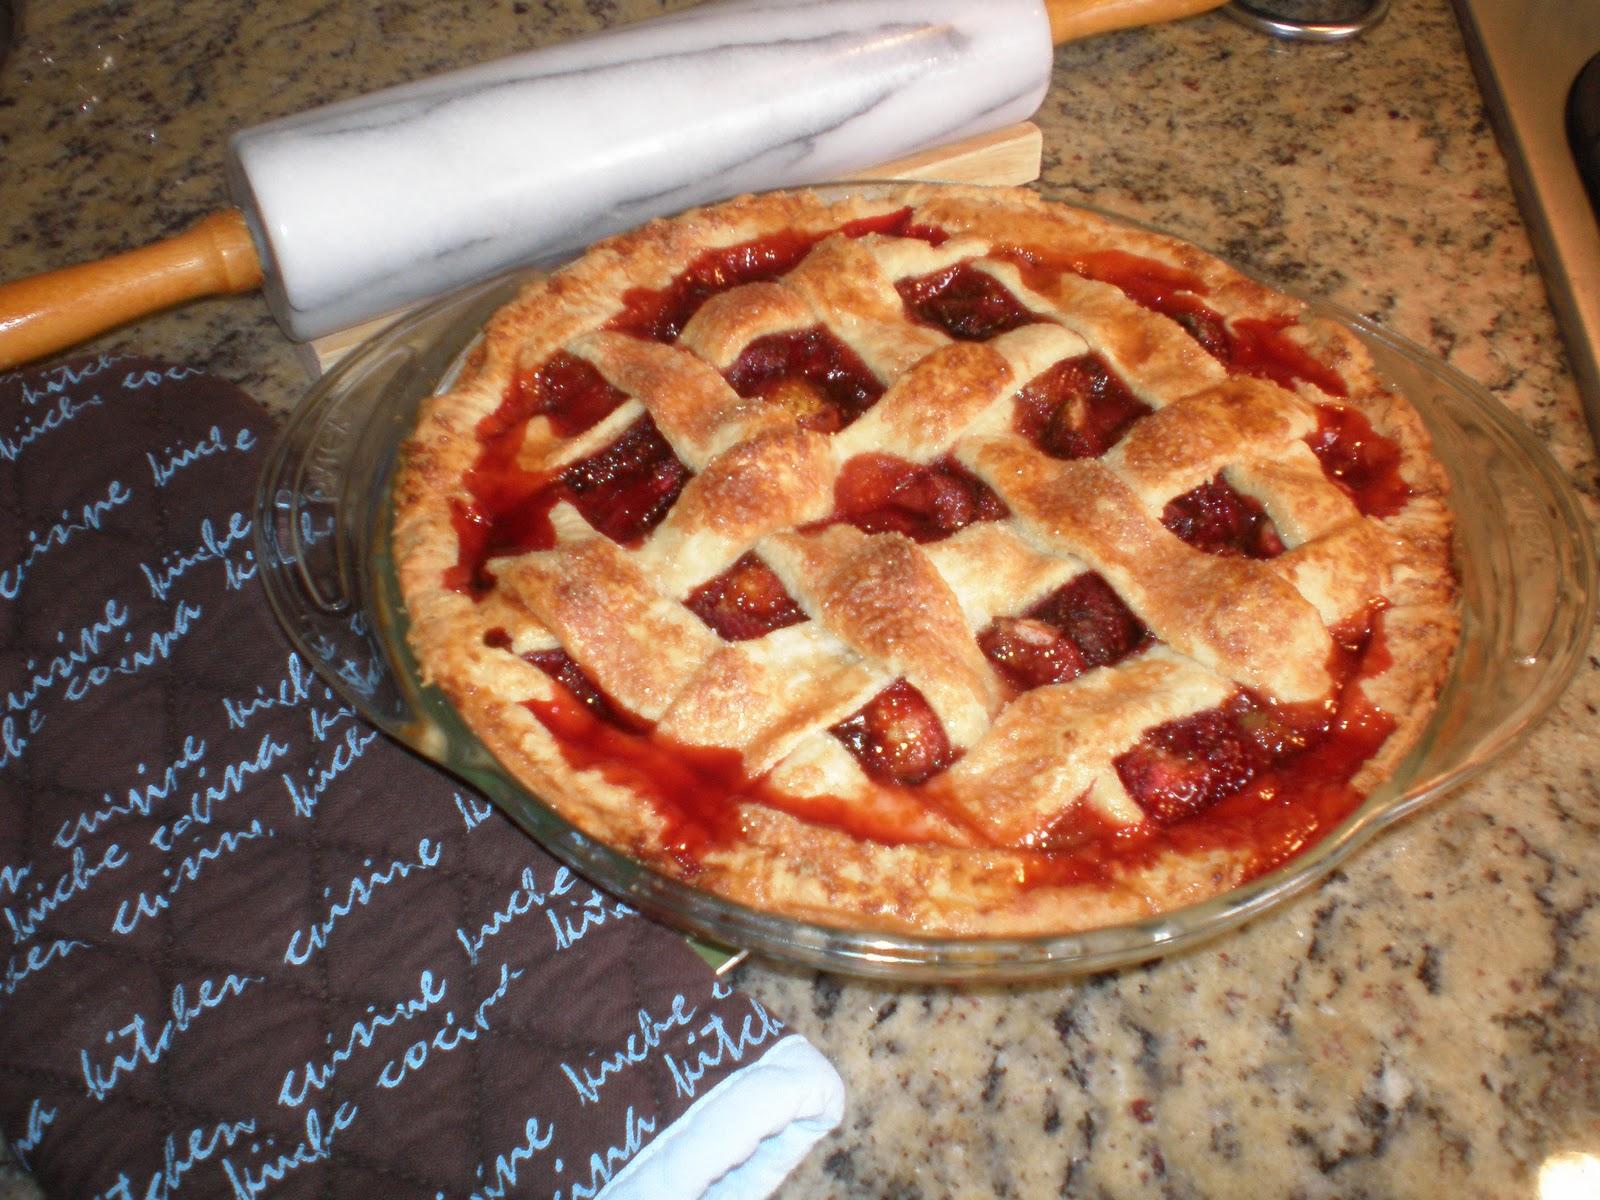 Recetas Sencillas: Tarta de Fresas (Pie de Fresas)